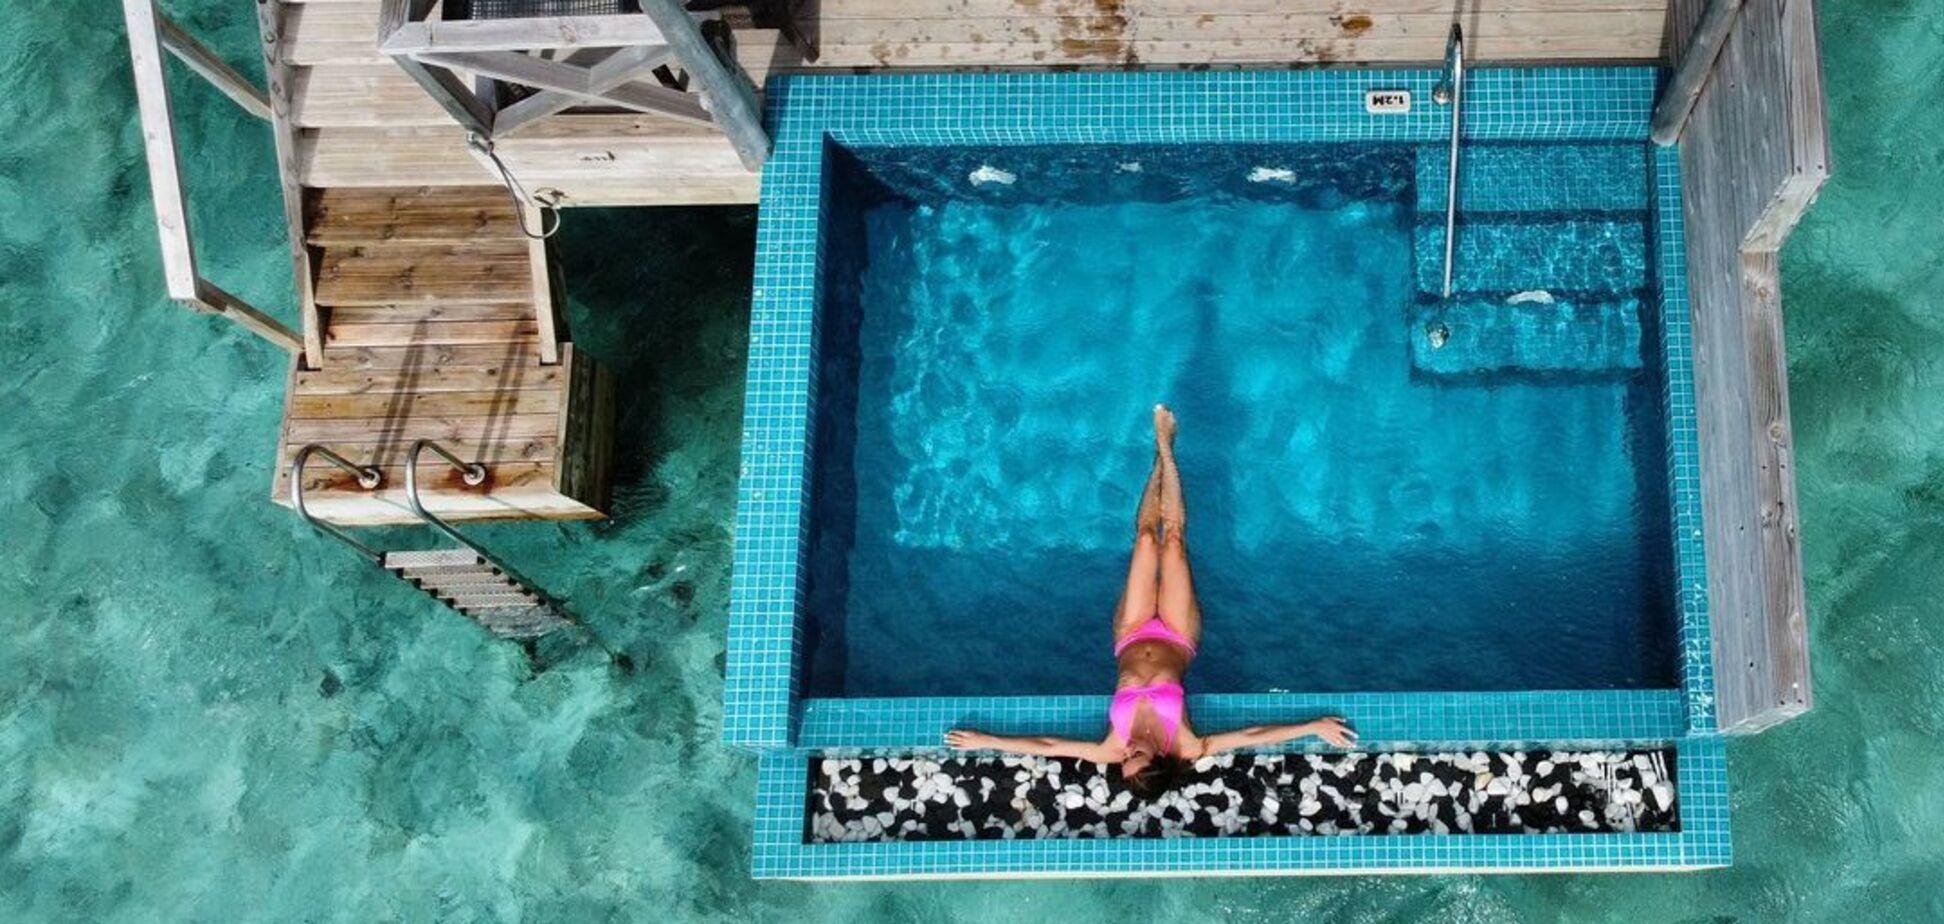 Завтраком в бассейне украинская чемпионка Терлюга попрощалась с Мальдивами